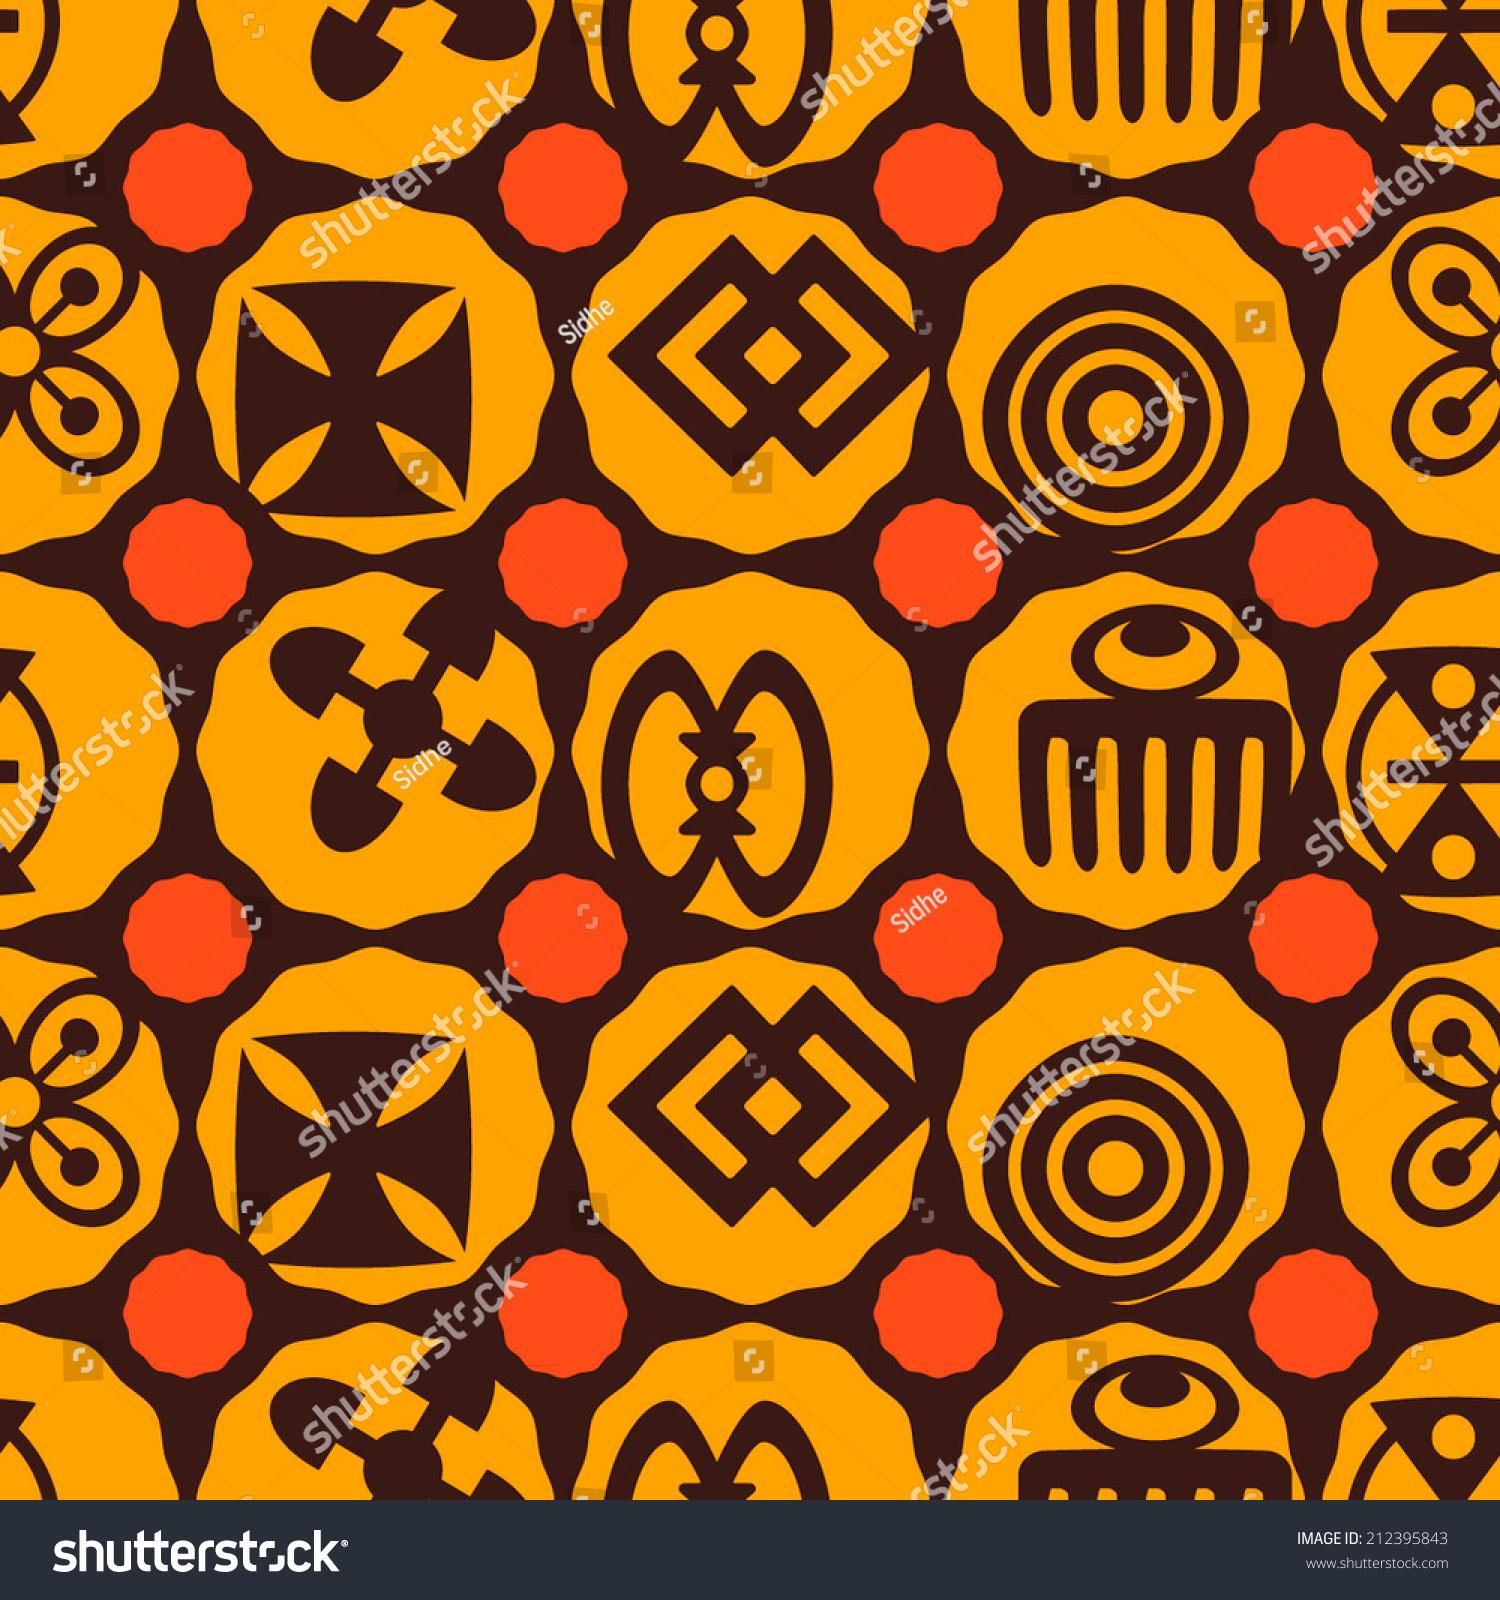 Seamless background adinkra symbols stock vector 212395843 seamless background with adinkra symbols biocorpaavc Images